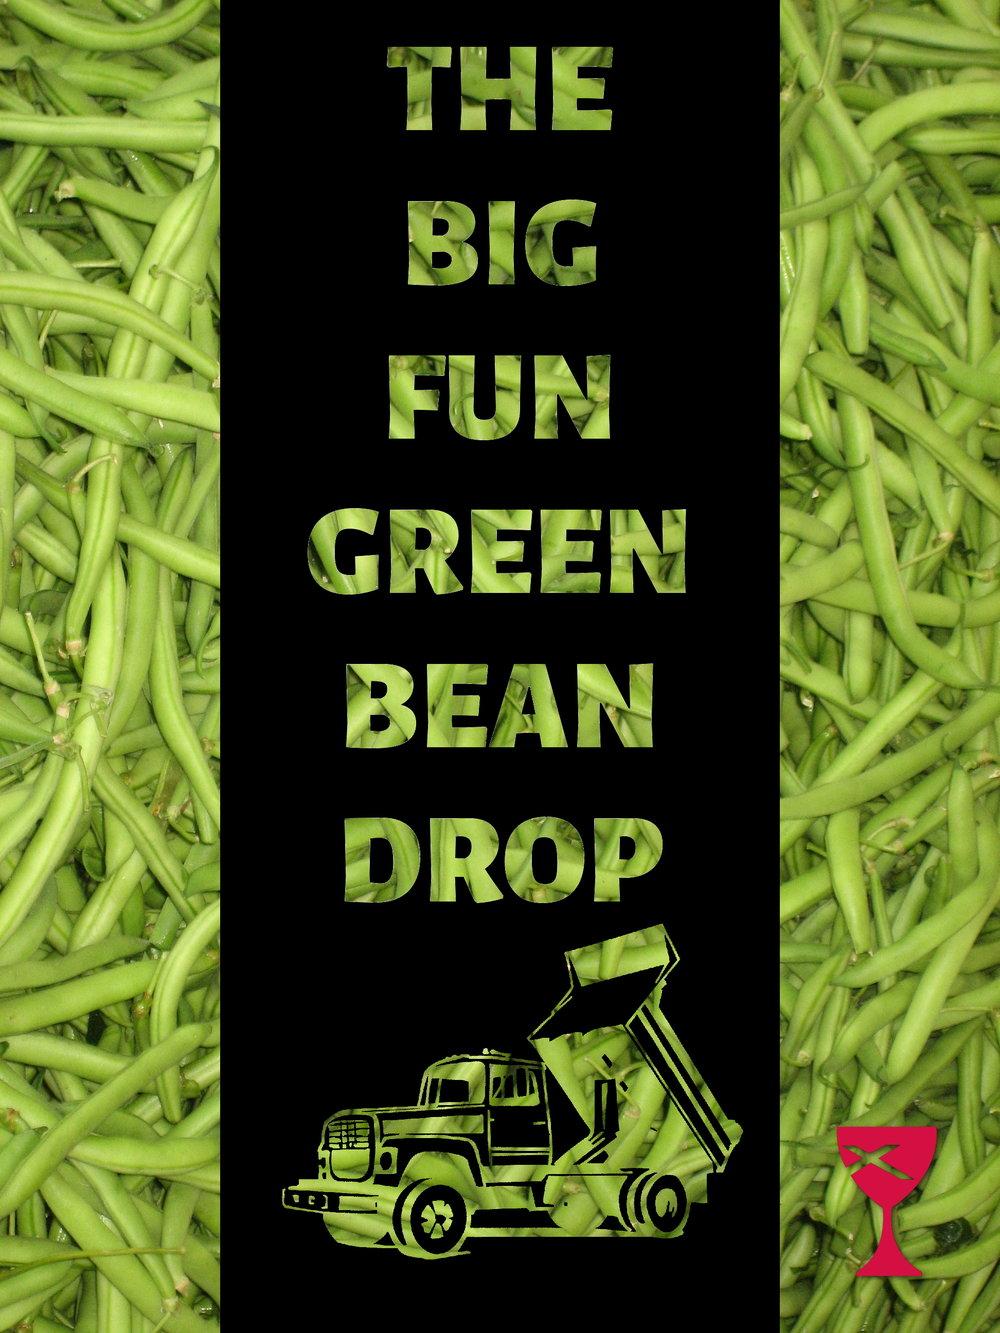 green bean drop.jpg